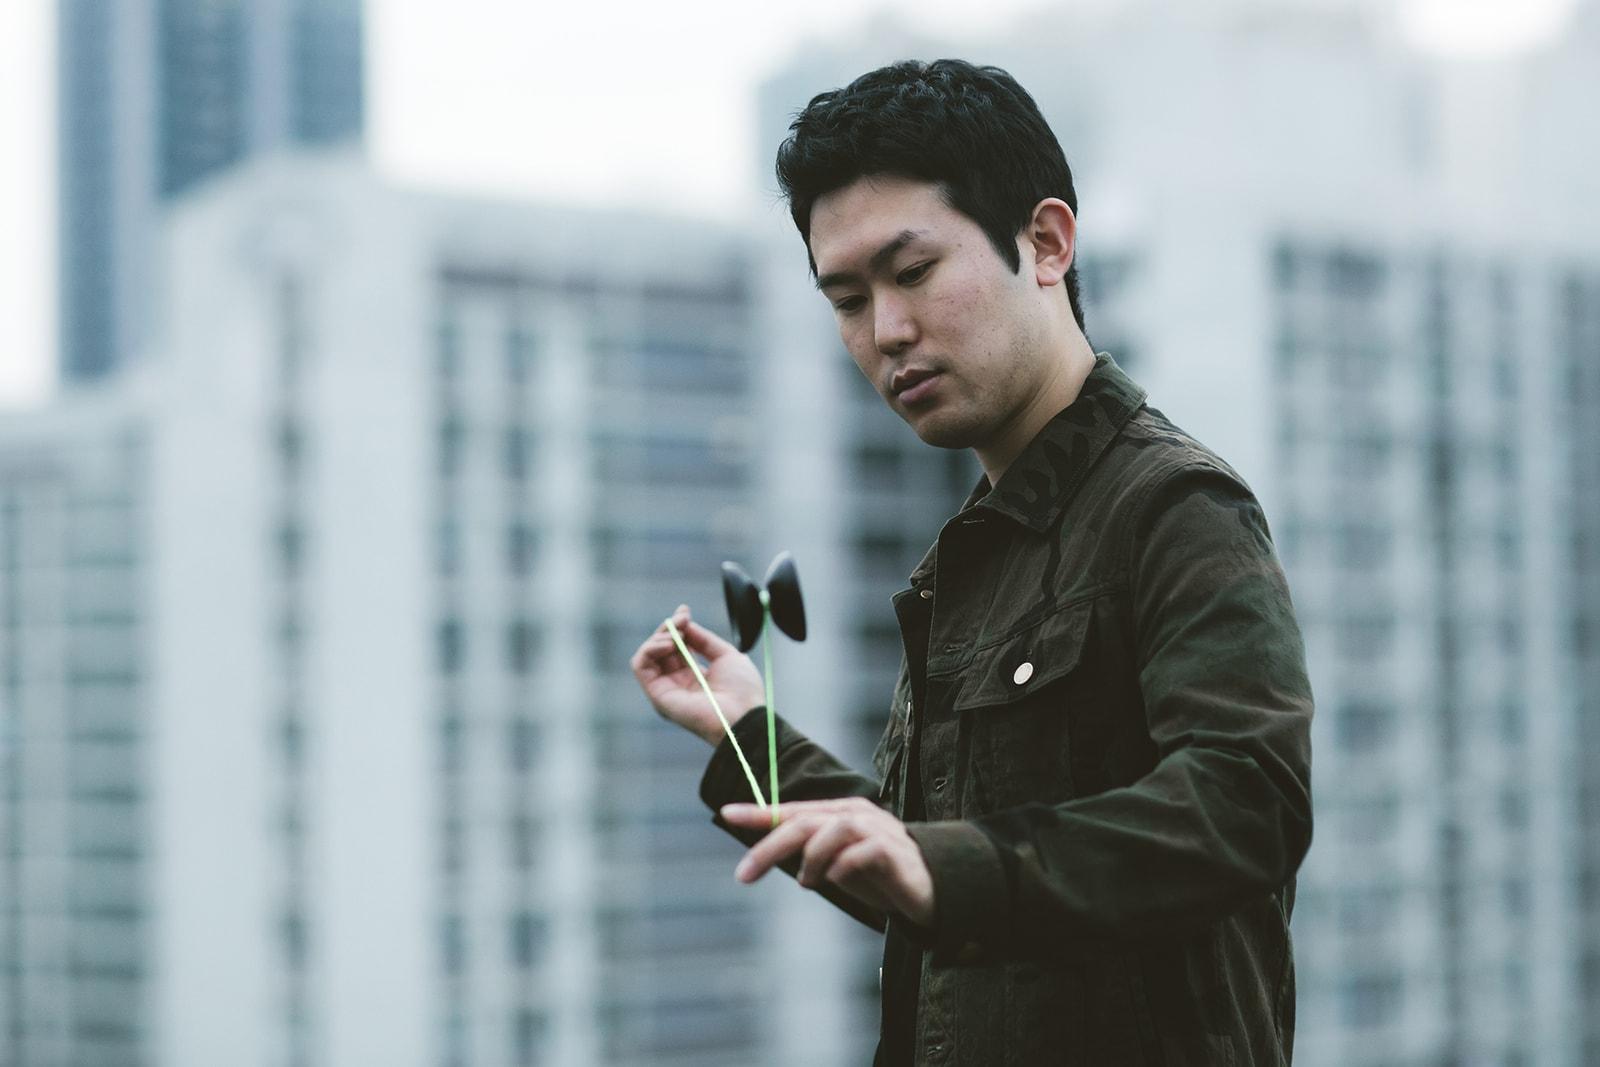 HYPEBEAST 專訪 FRESHTHINGS 主理人鈴木裕之 Hiroyuki Suzuki